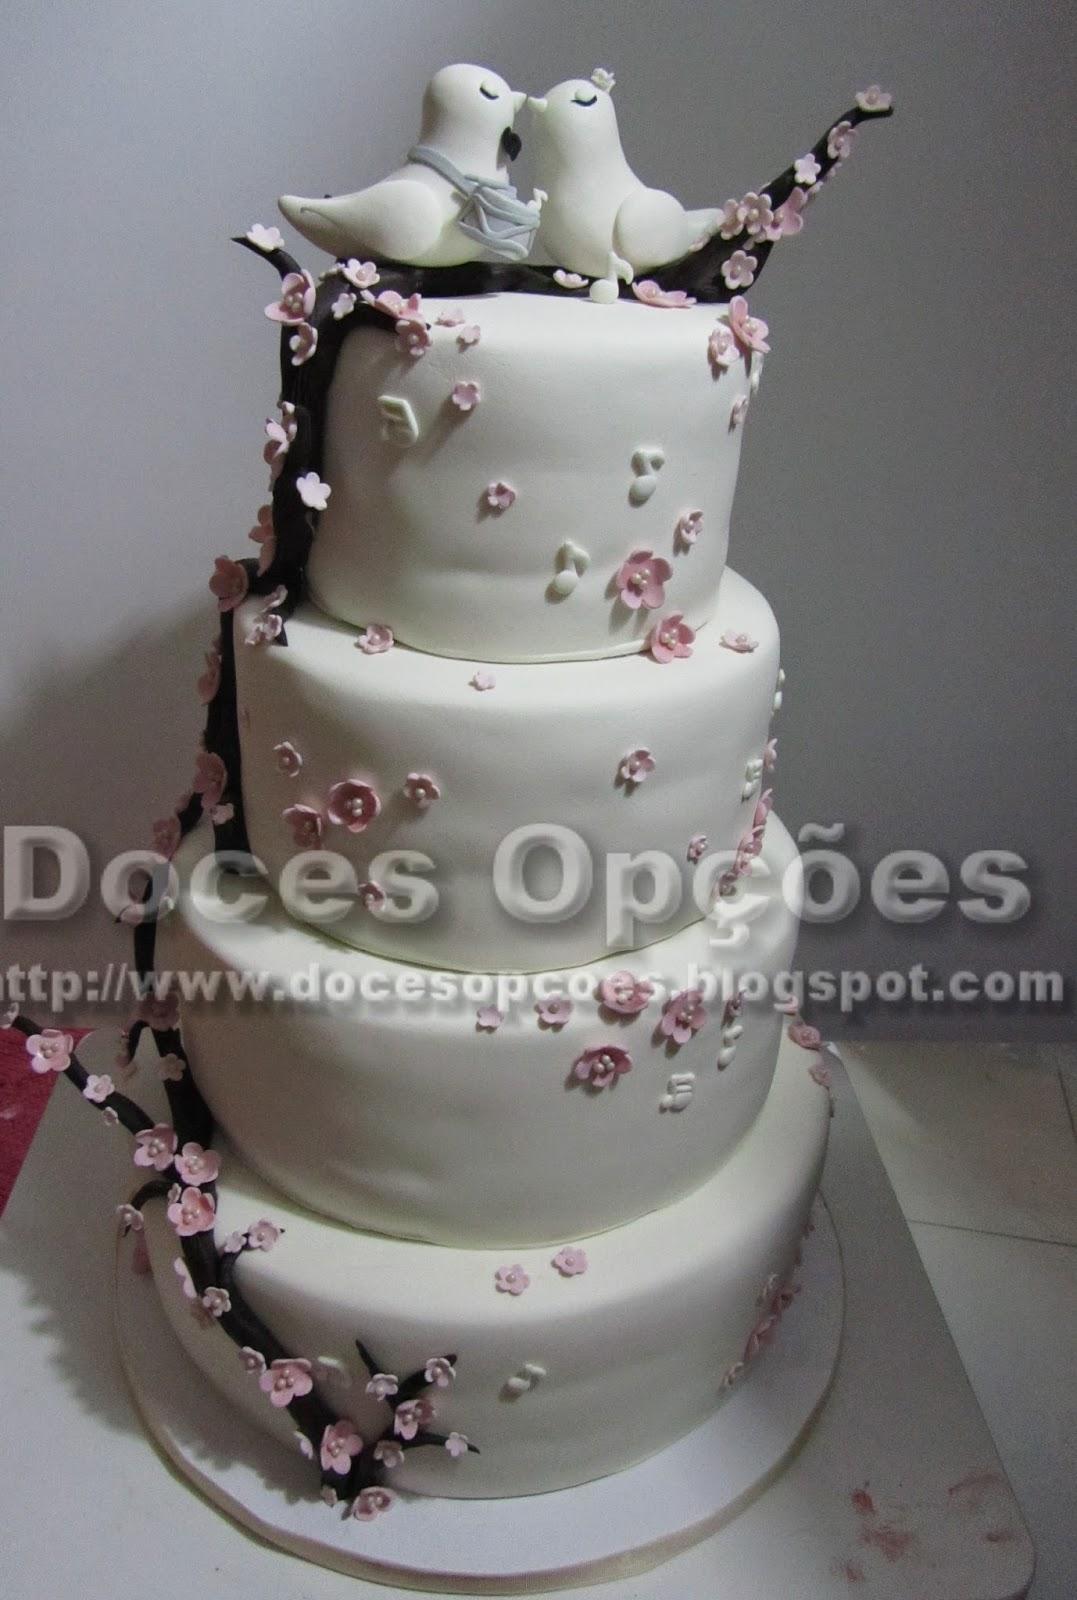 bolos casamento doces opções bragança